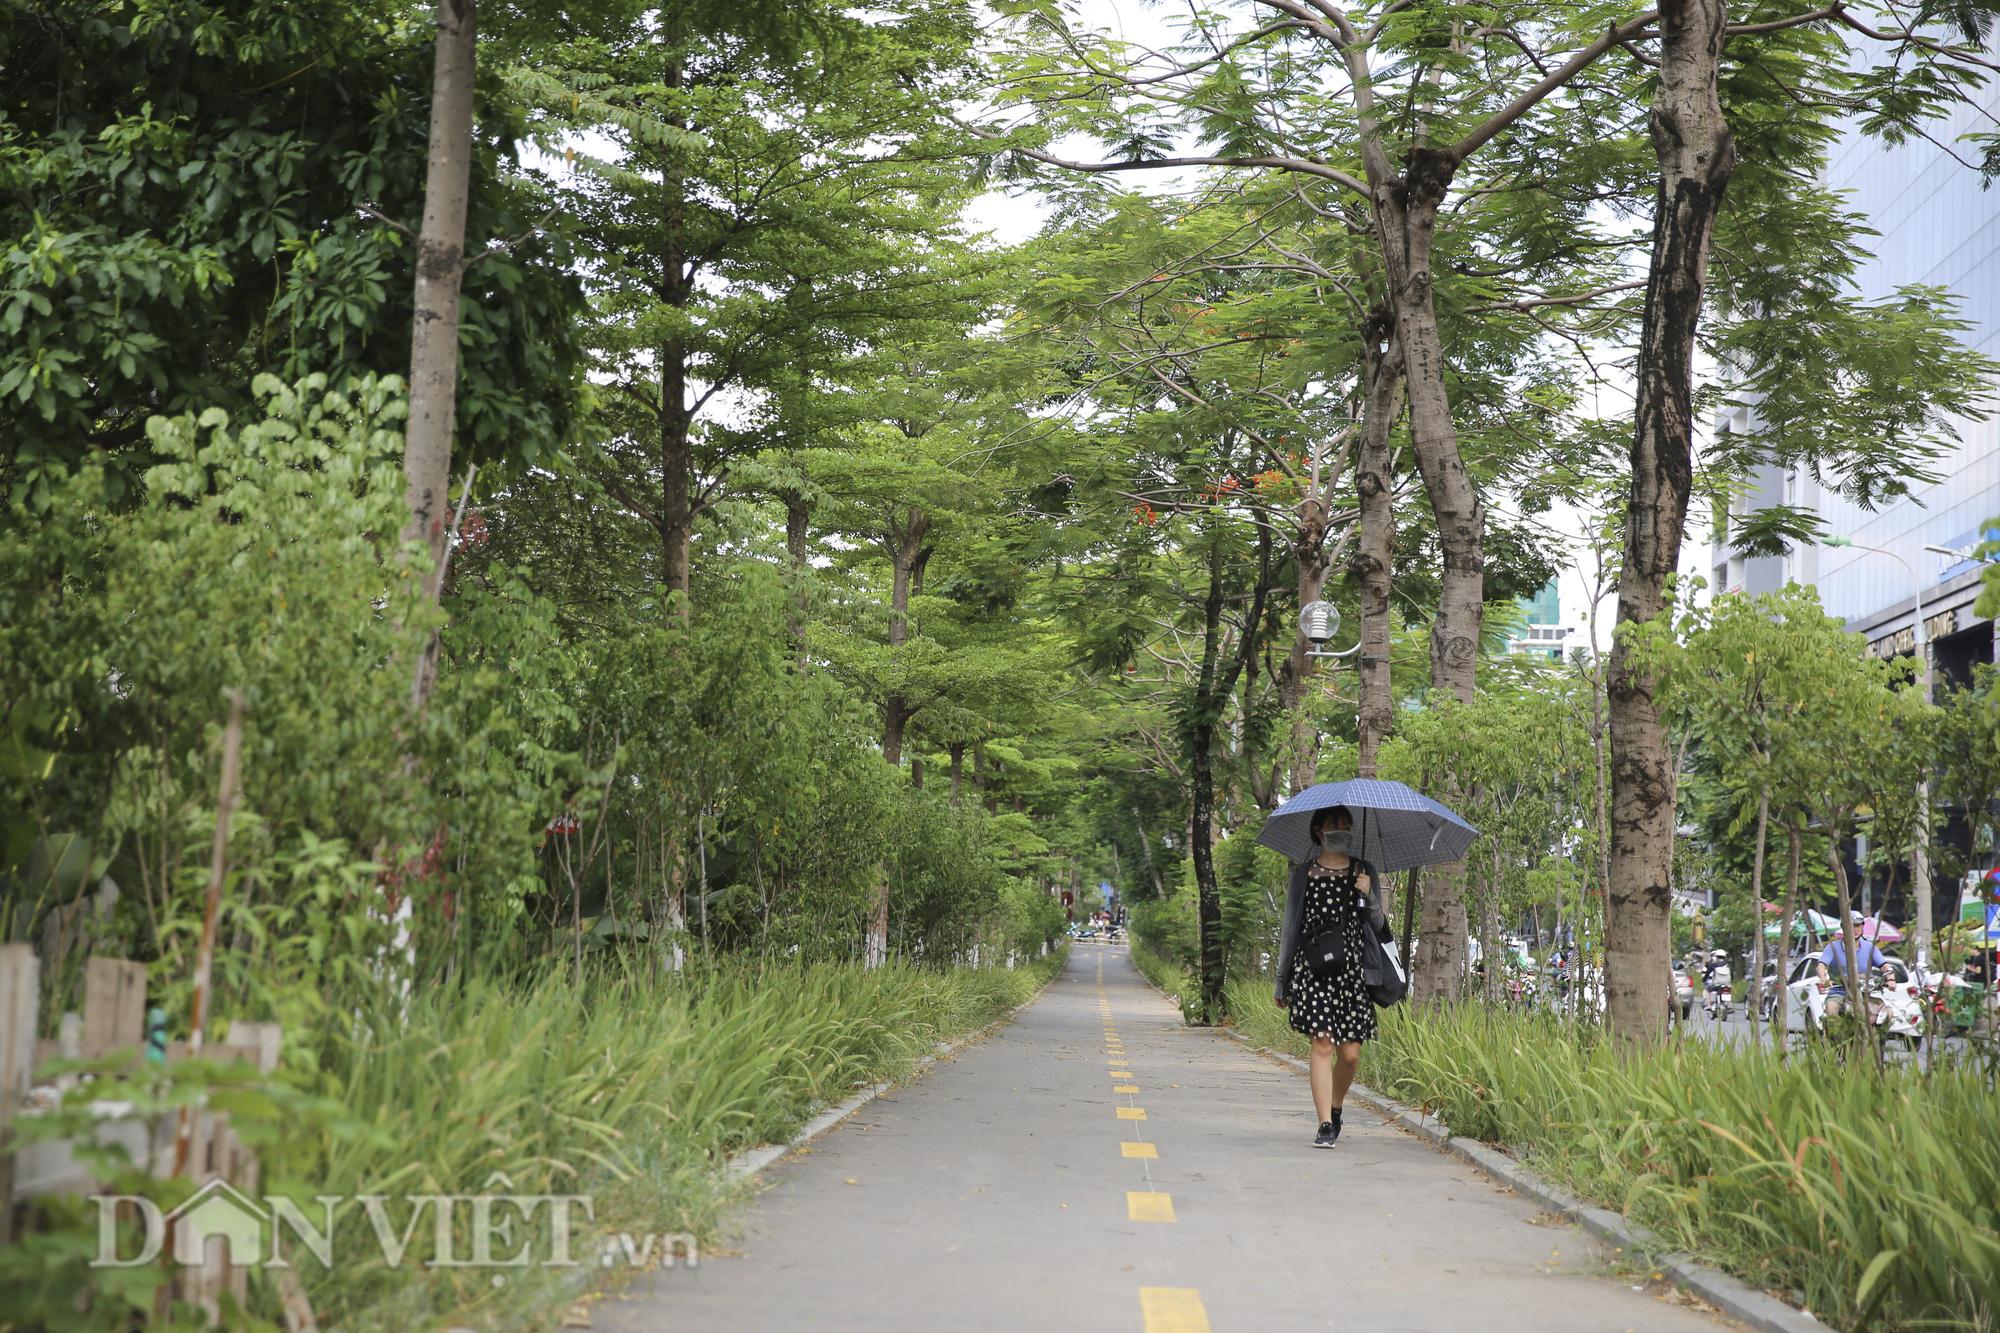 """Hệ thống cây xanh đã giúp Hà Nội giảm """"hiệu ứng đảo nhiệt đô thị"""" như thế nào? - Ảnh 12."""